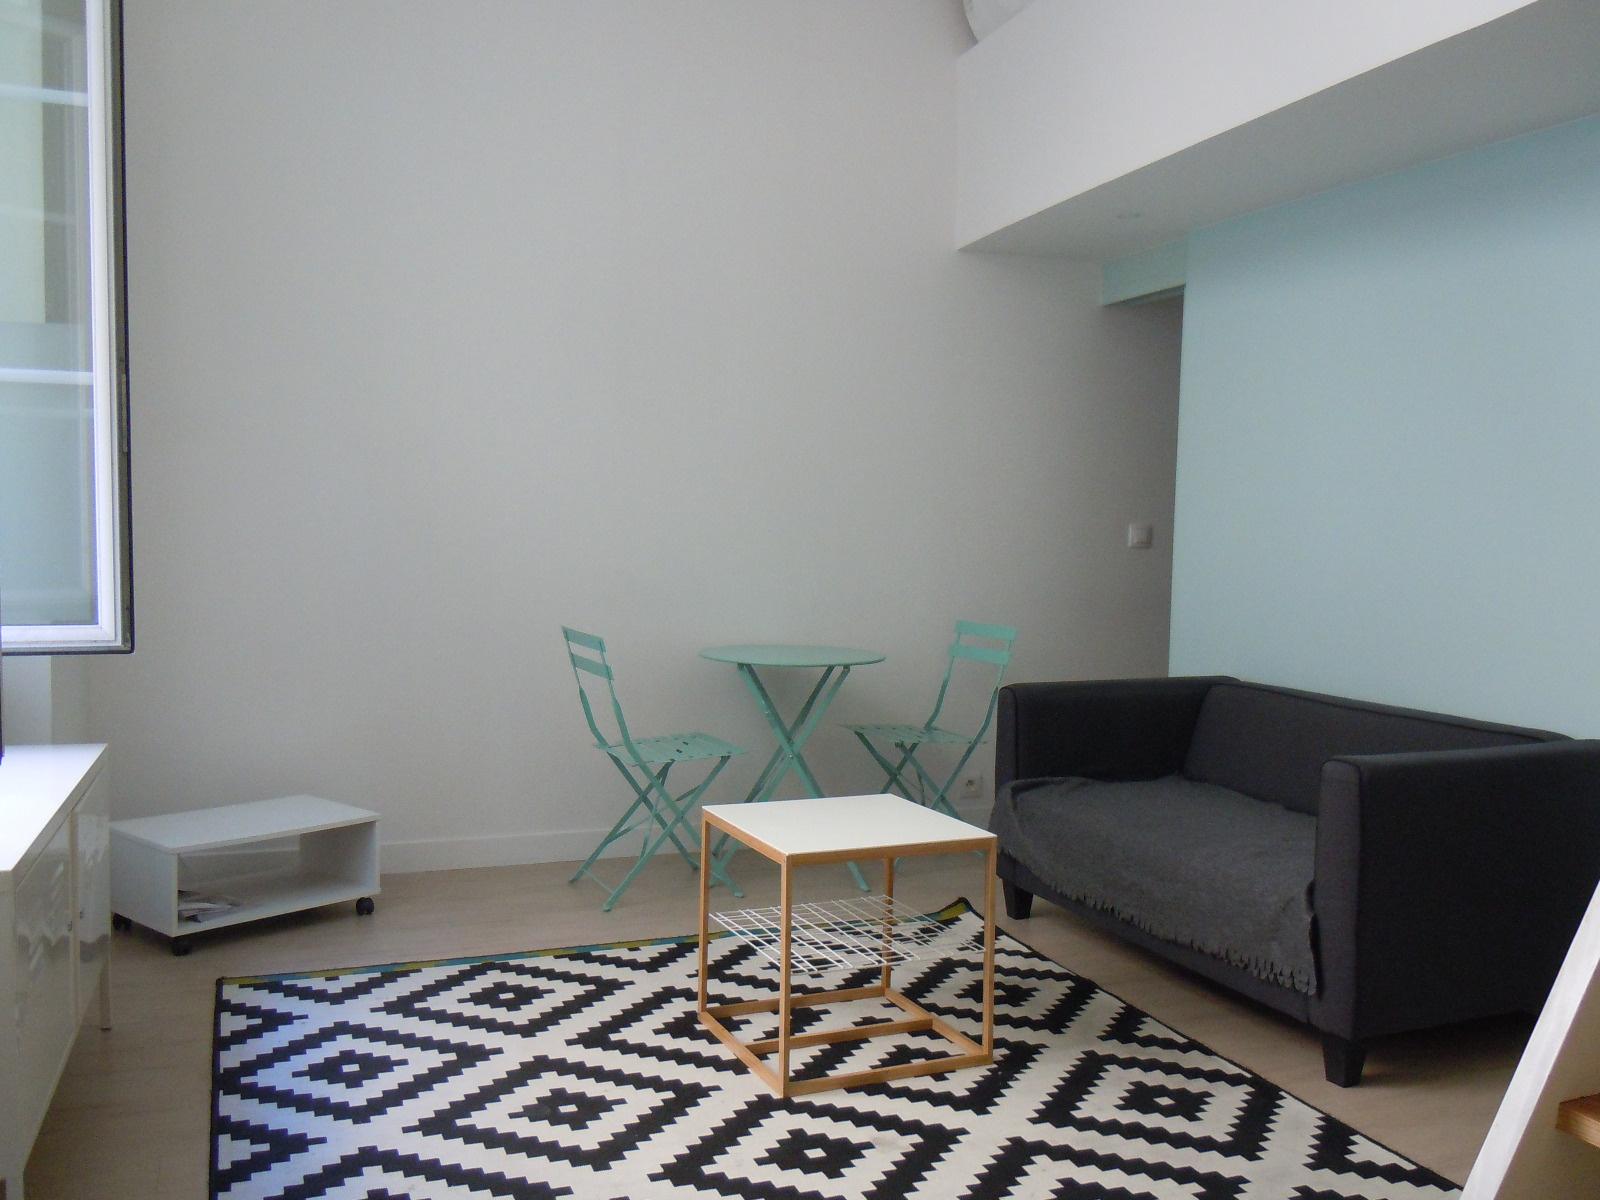 Location t1 meubl duplex quais des chartrons for Appartement t1 bordeaux location